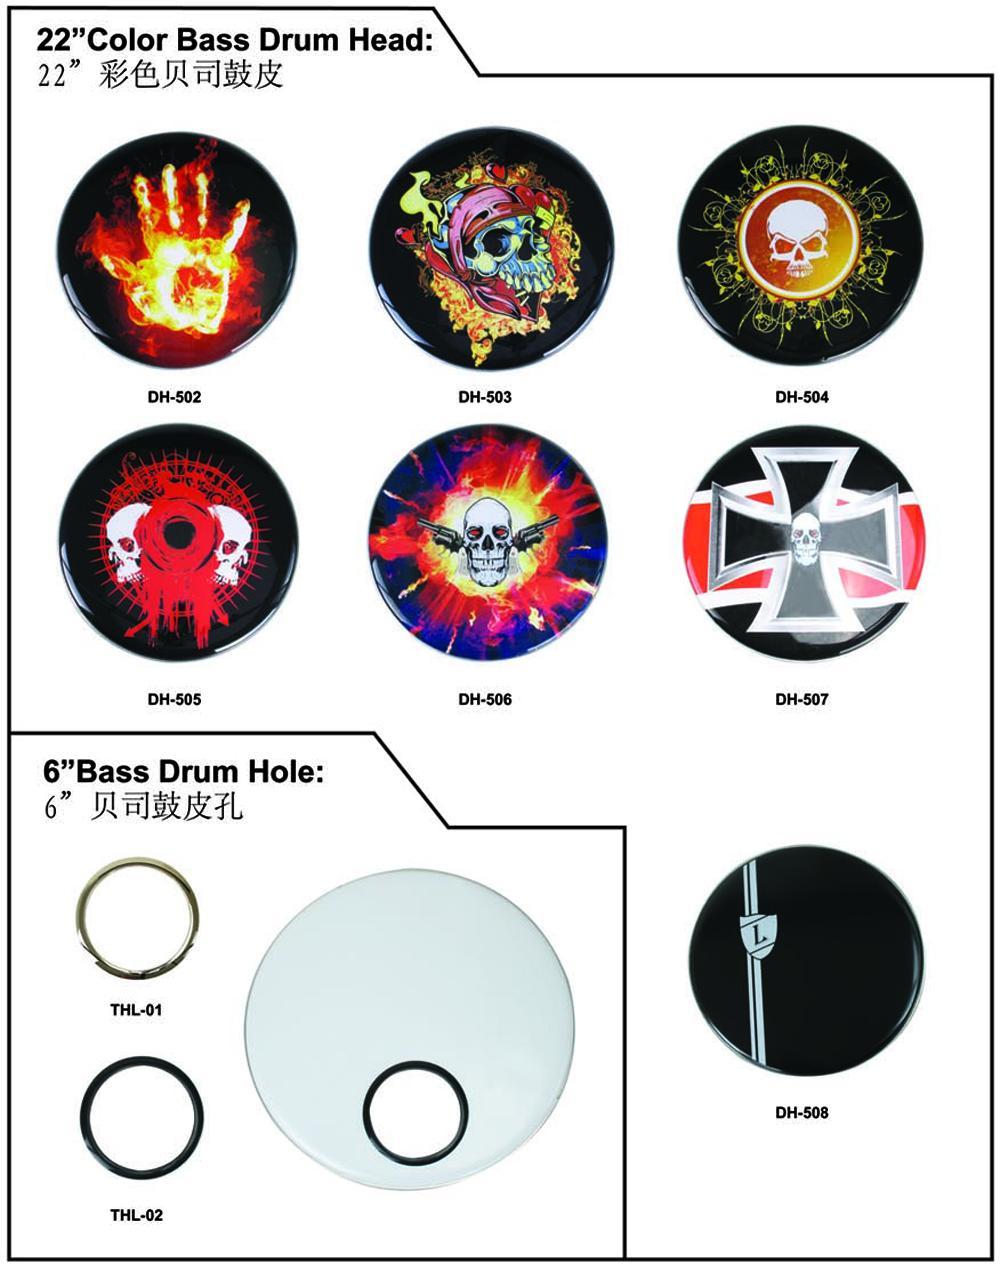 SLK Clear/SPX Semi-Clear/SPC Porcelain White/SRK Black Drum Heads 6